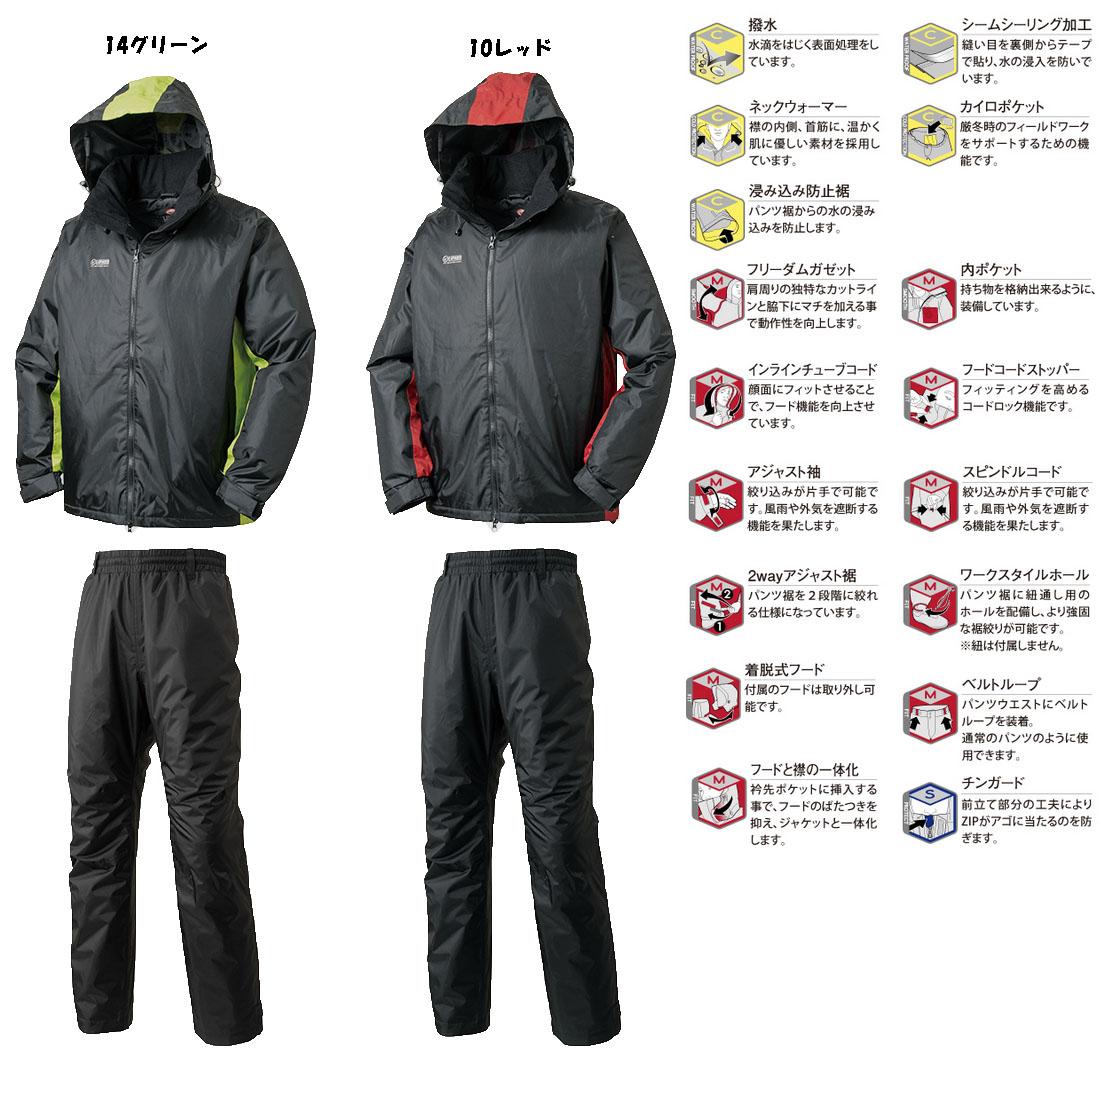 【送料無料】防水防寒スーツ 上下組 ステイシー ロゴス M~3L 在庫処分品